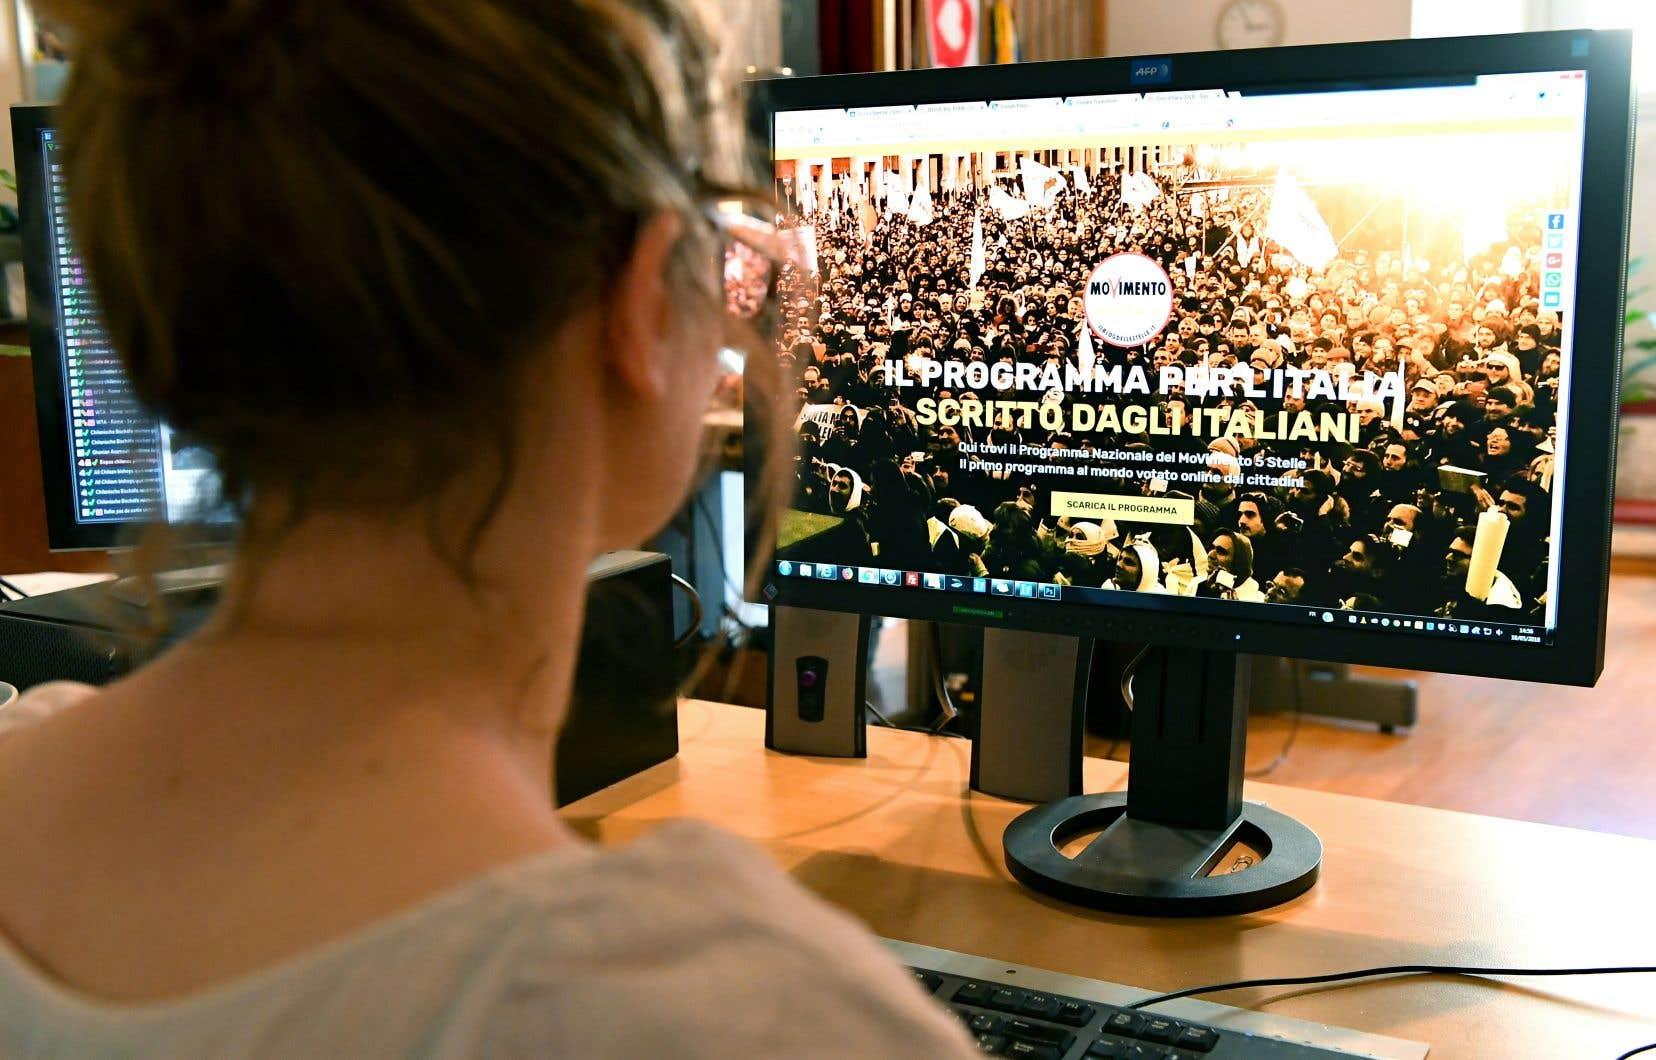 Invités à voter toute la journée sur «Rousseau», la plate-forme Internet du M5S, les militants de cette formation prônant la démocratie participative depuis son lancement en 2009 par le comique Beppe Grillo ont approuvé «à plus de 94%» le programme.